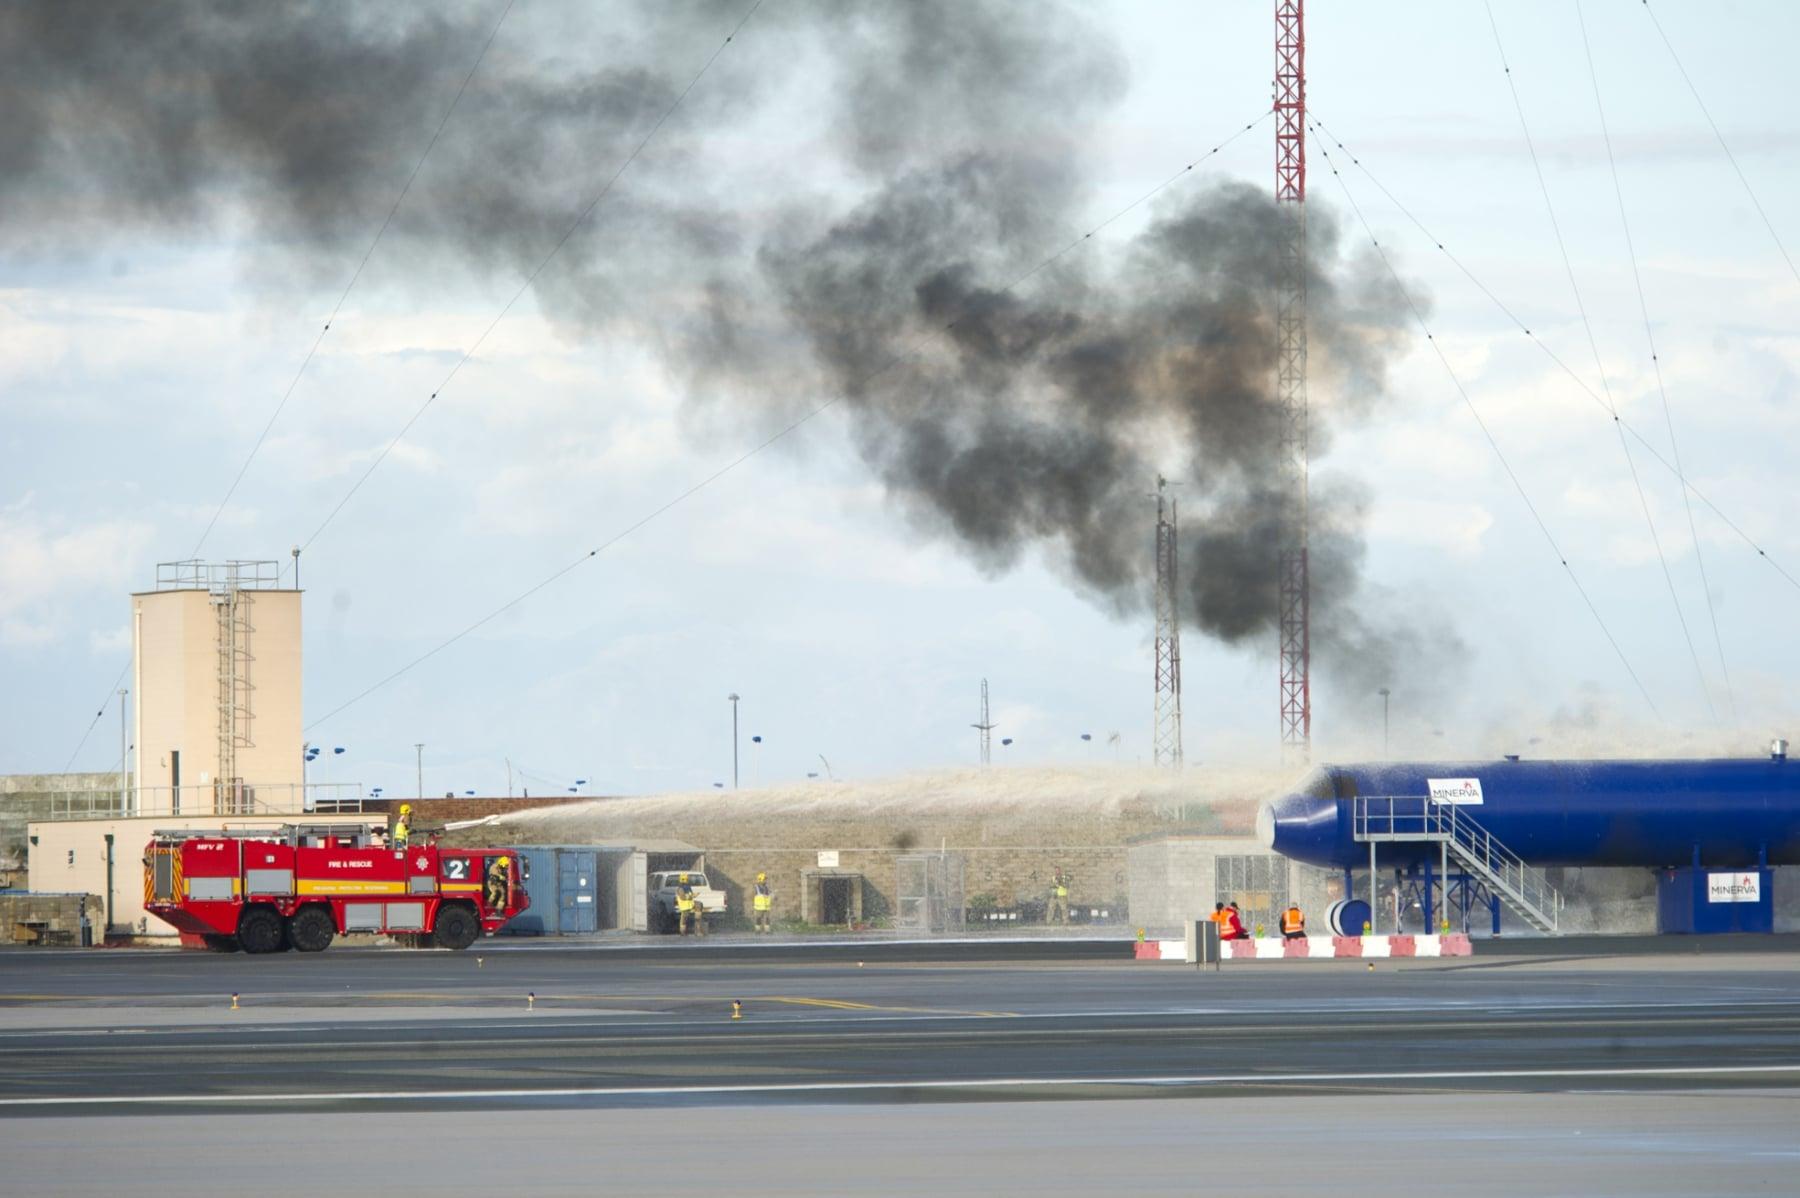 simulacro-accidente-aereo-en-gibraltar-03122014-07_15943268752_o